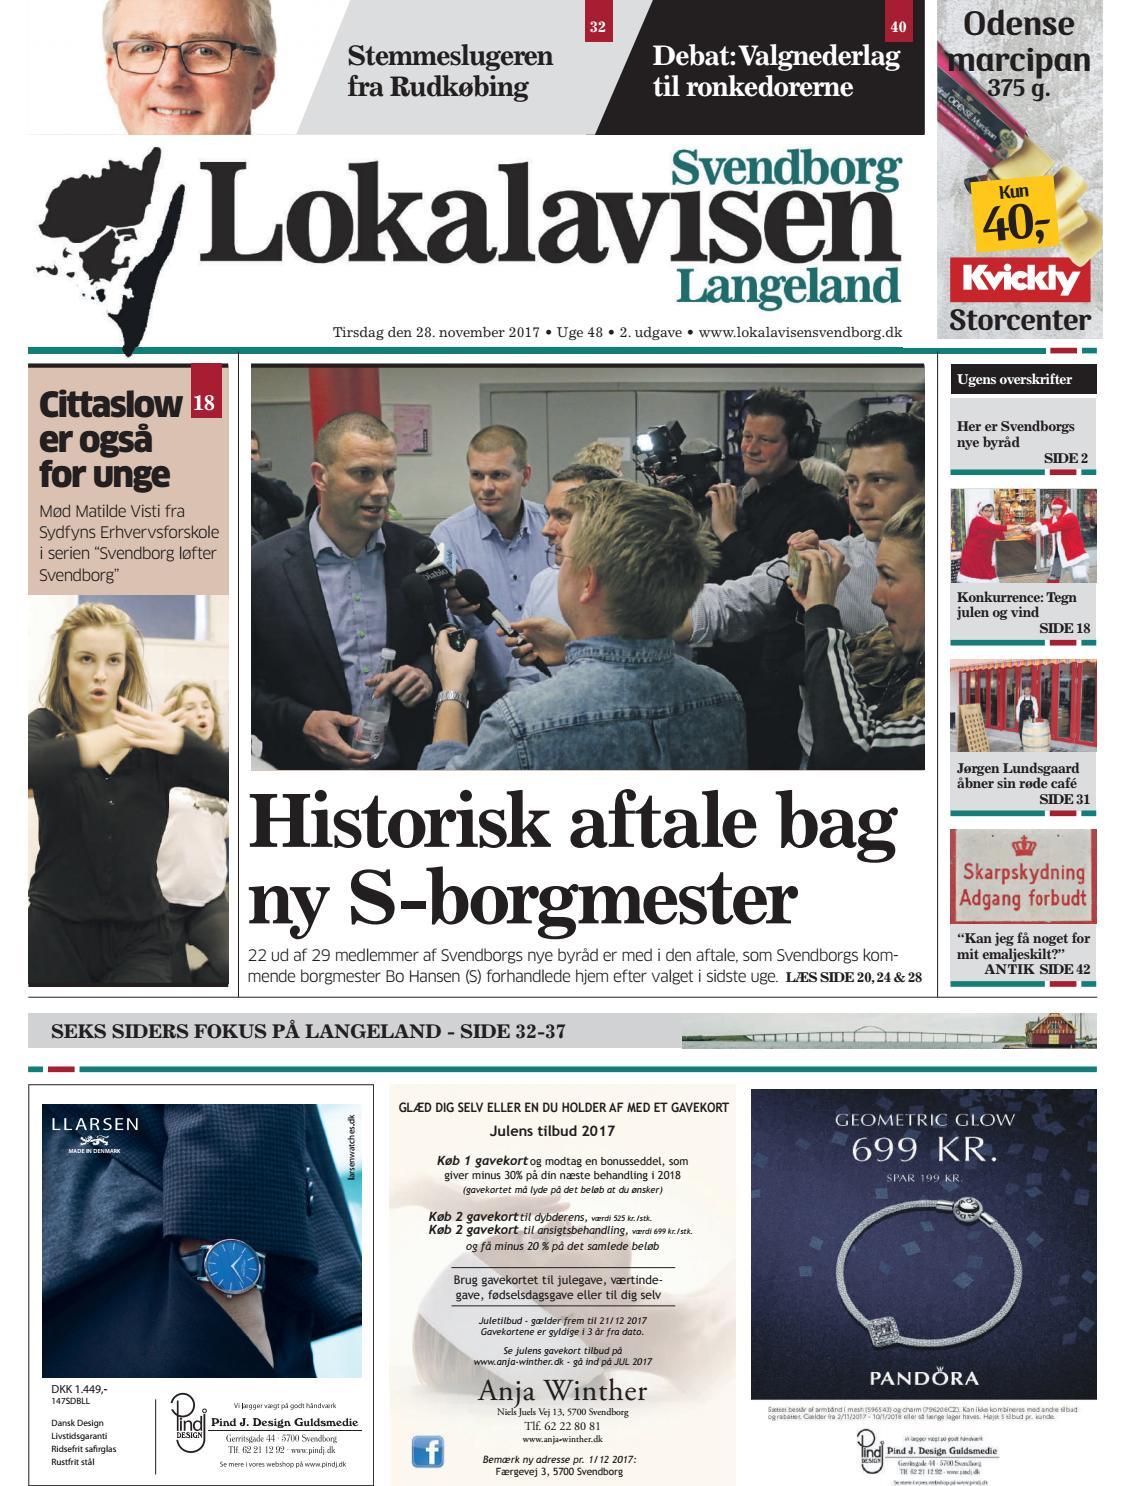 aa3f3dc5bfa Lokalavisen svendborg uge 48 by Lokalavisen Svendborg - issuu